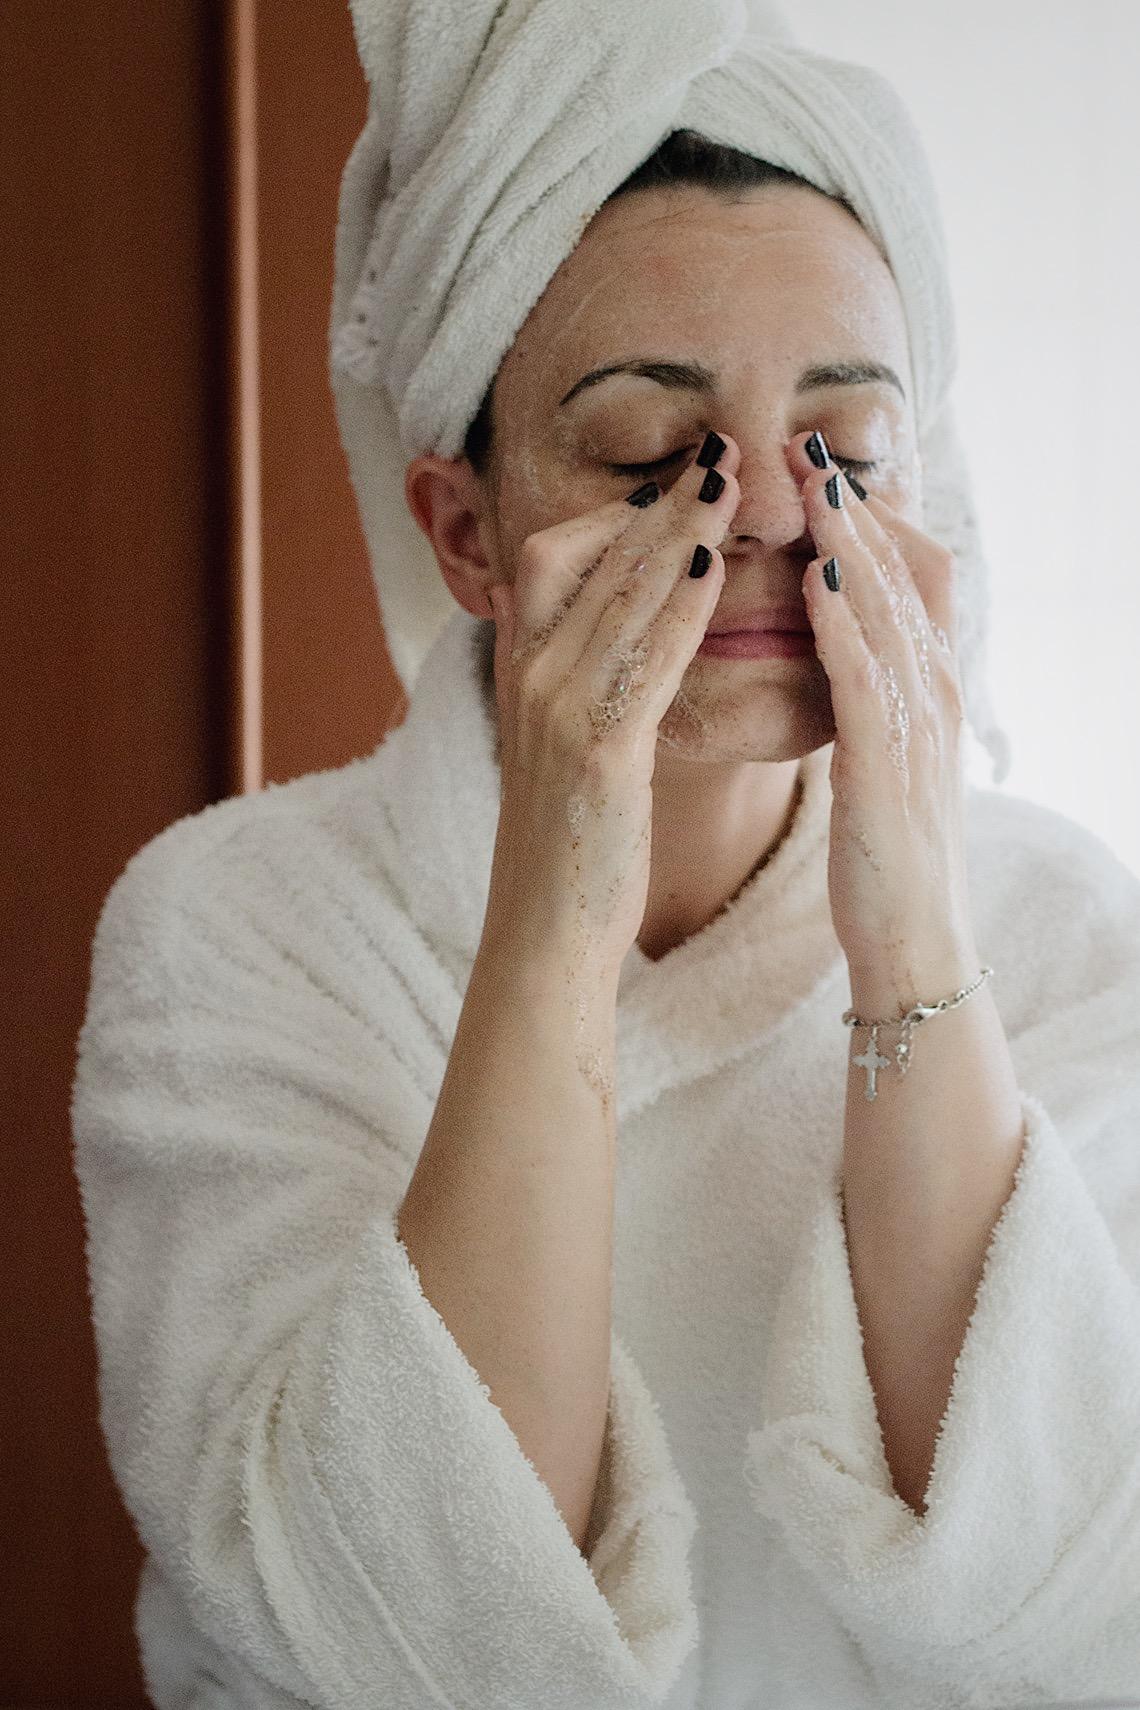 miglior scrub esfoliante viso